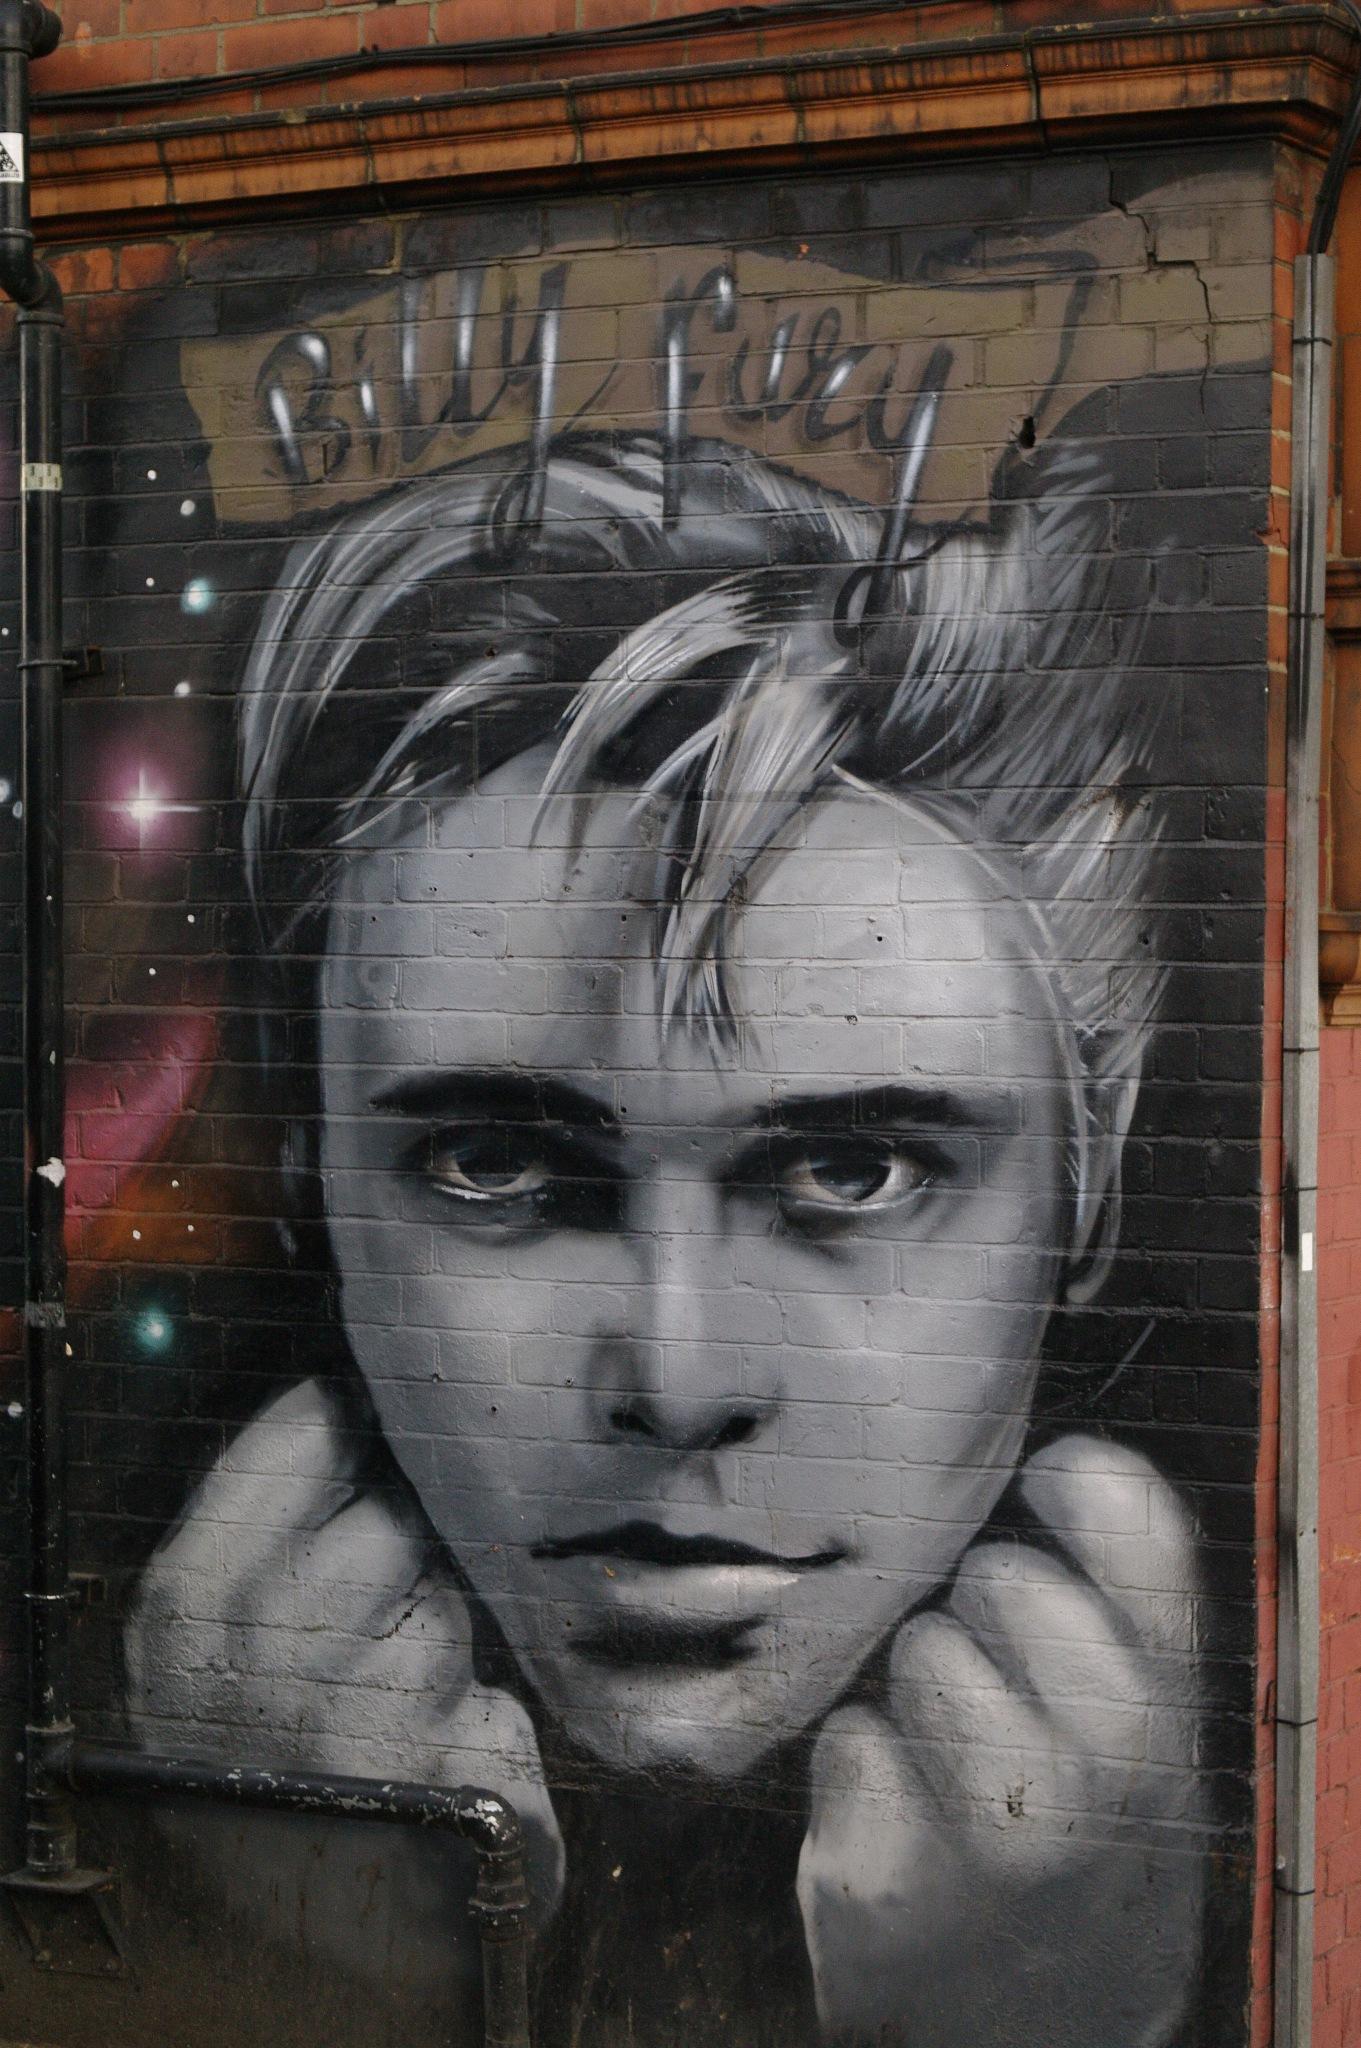 Billy Fury Mural  - West Hampstead London by John Semple